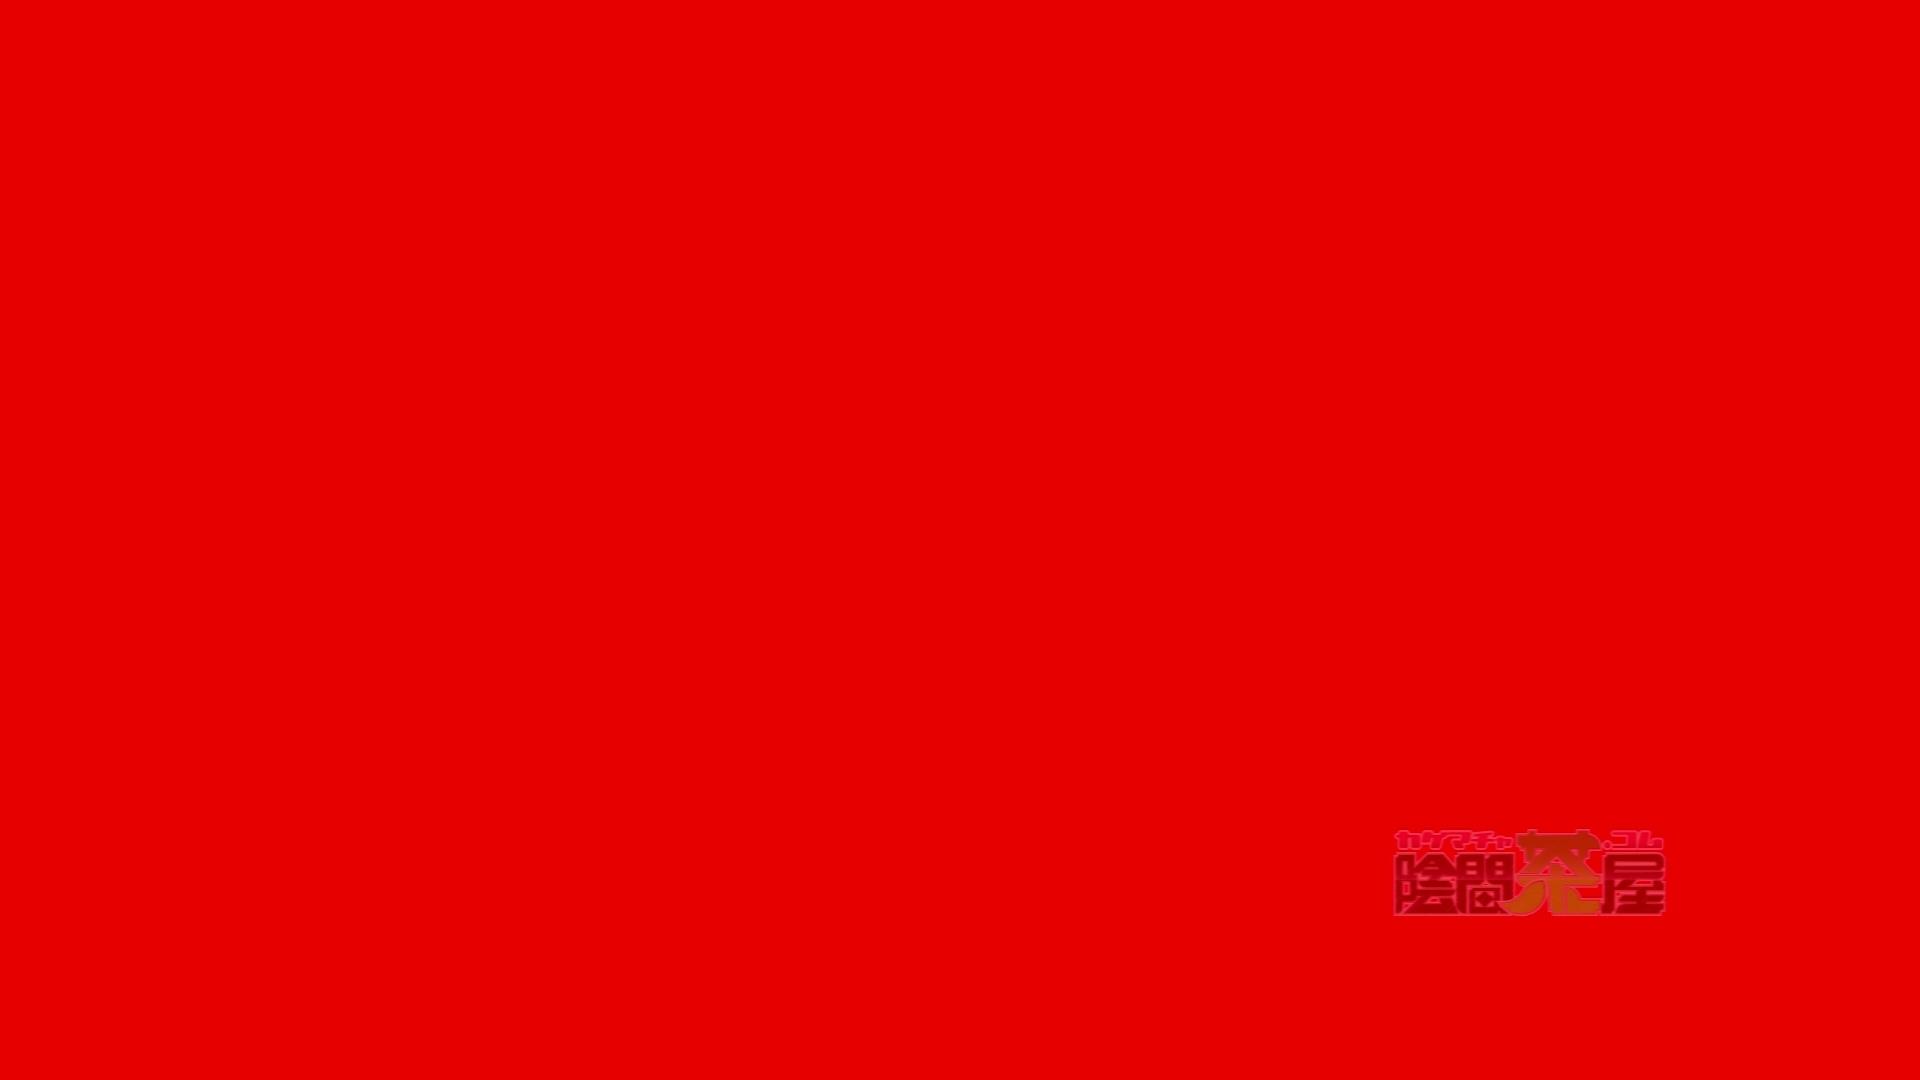 陰間茶屋独占入手!!●君のプライベート流出動画 No.04 【期間限定配信】 モ無し エロビデオ紹介 96枚 2